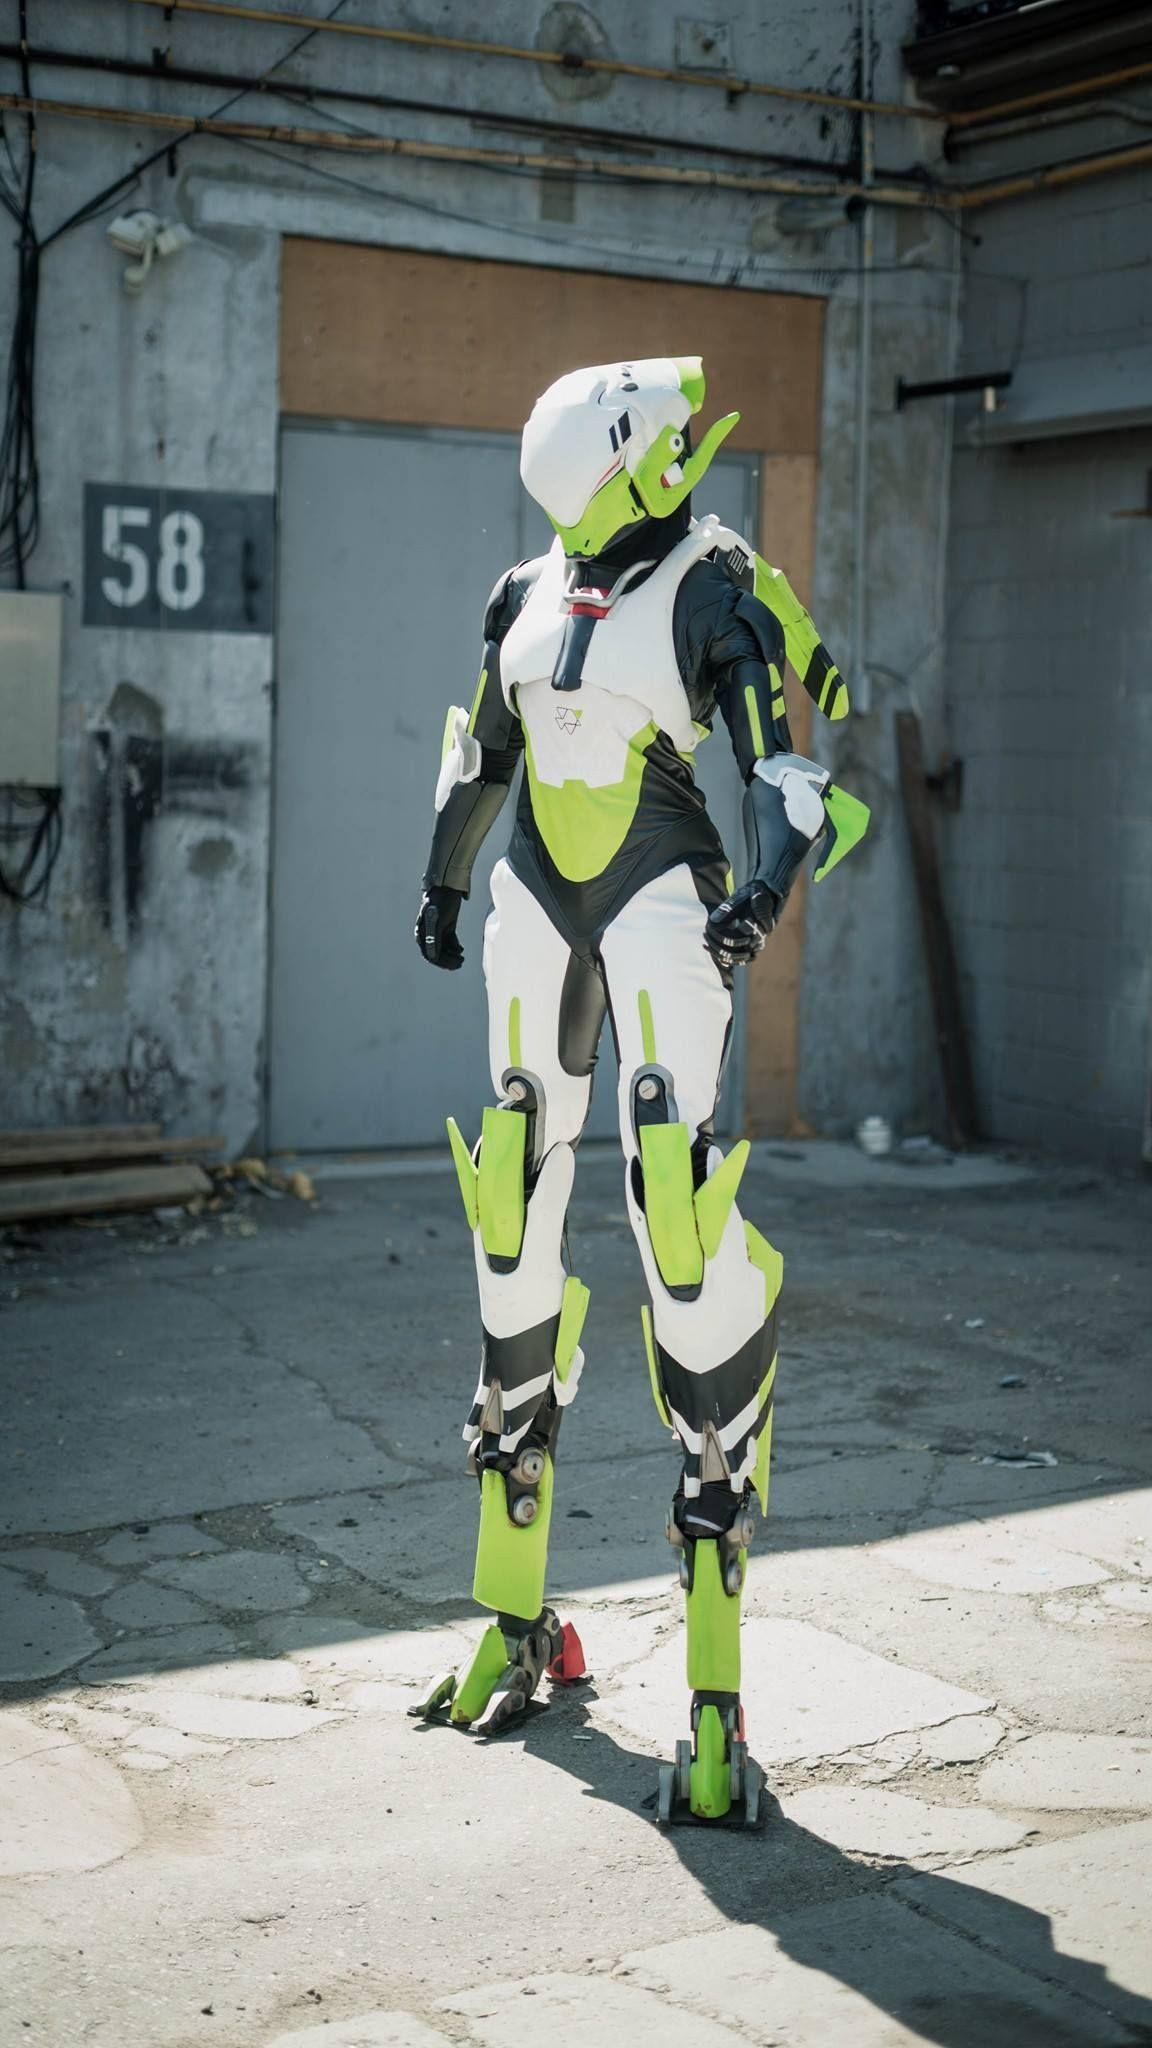 futuristic armor - Google Search | Sci fi armor